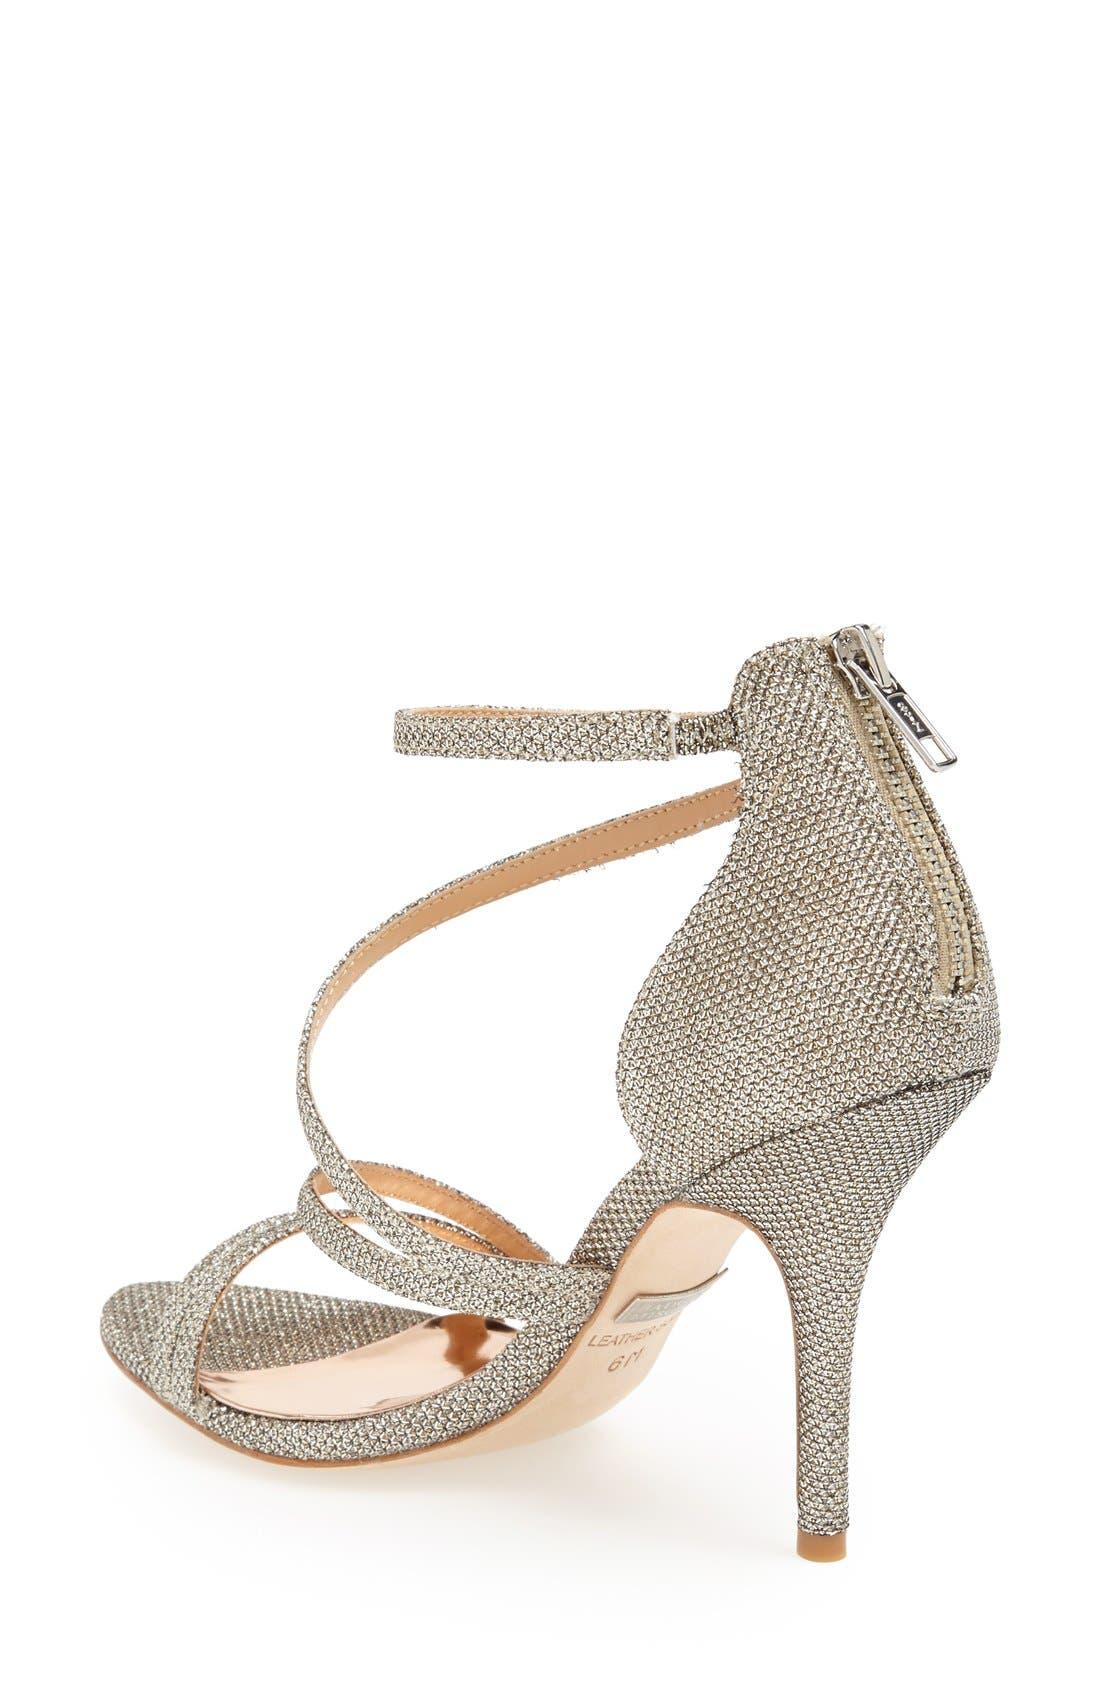 Alternate Image 2  - Badgley Mischka 'Landmark' Ankle Strap Sandal (Women)